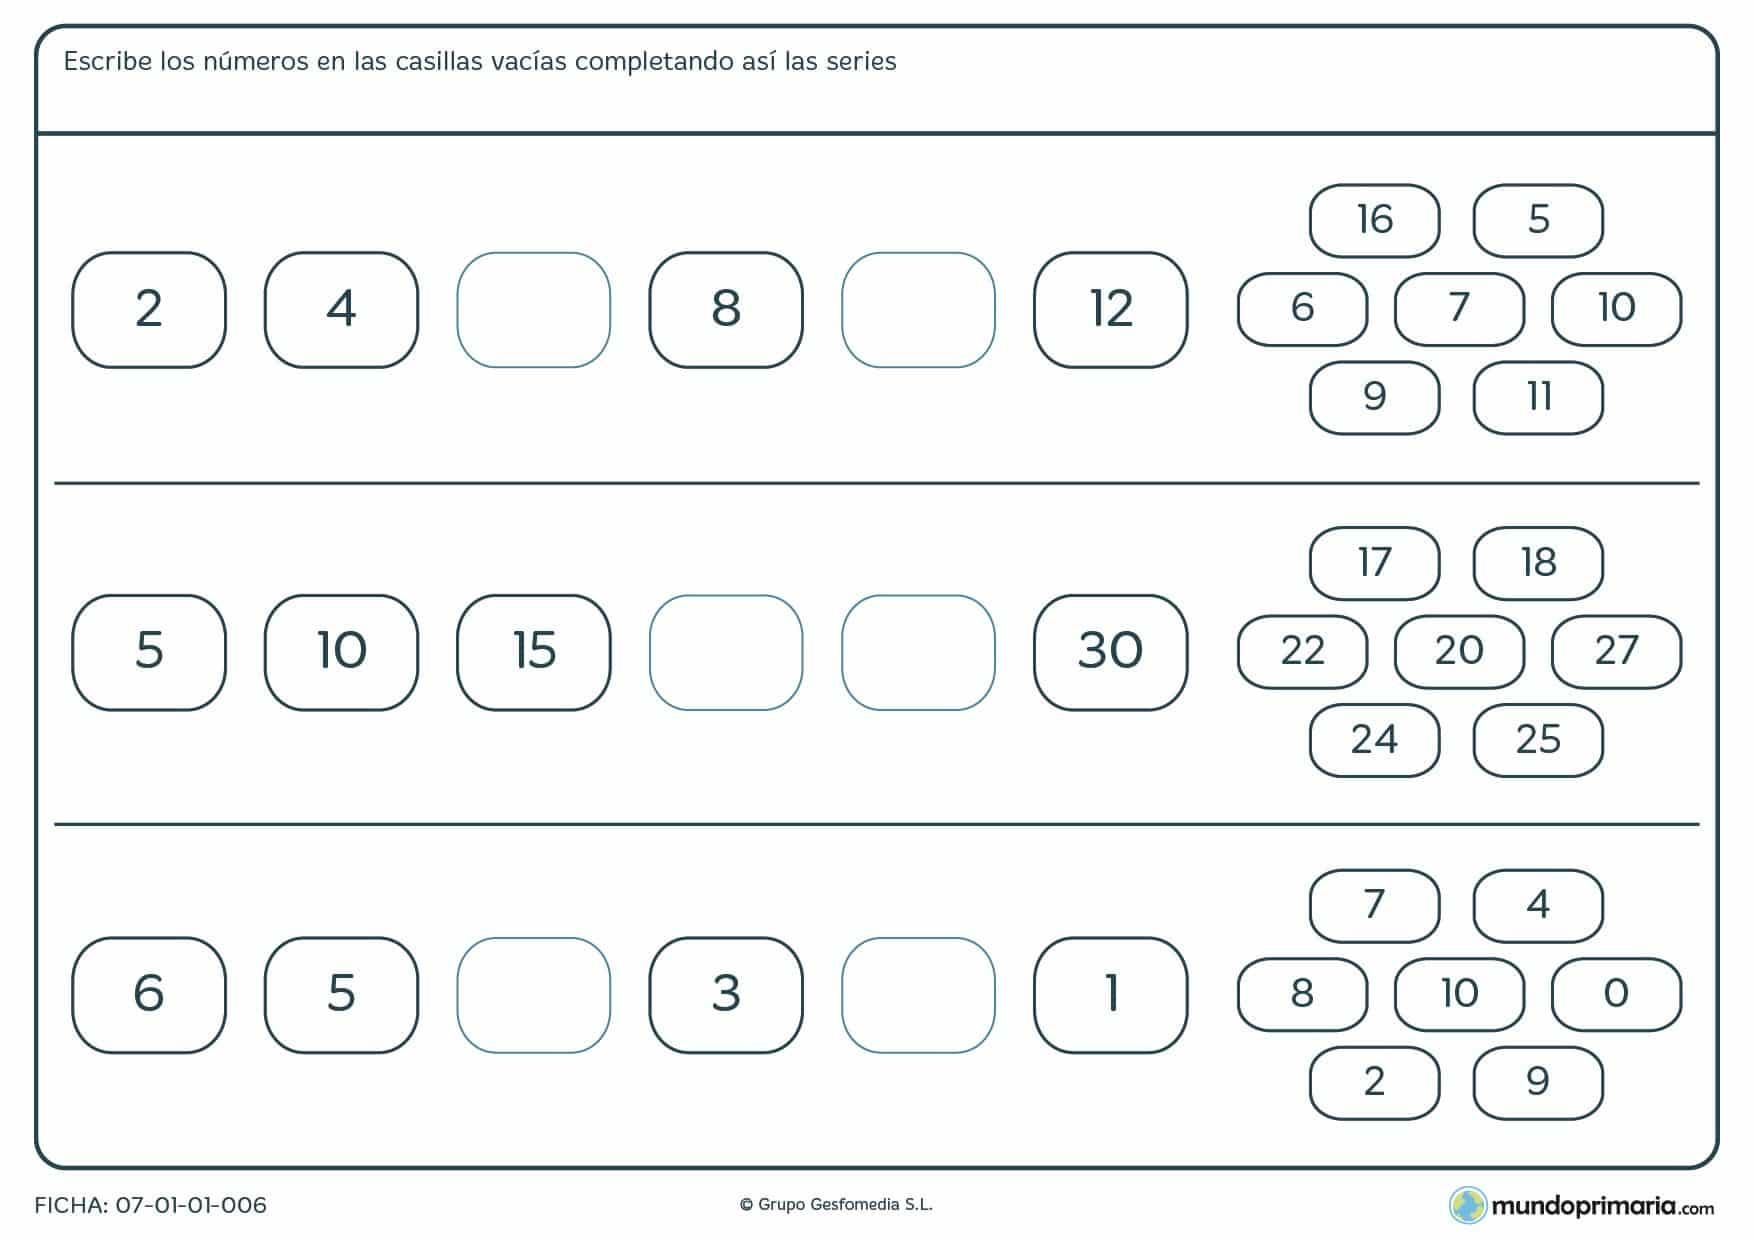 Ficha de series de números en las que has de rellenar los espacios en blanco con los números que corresponden.